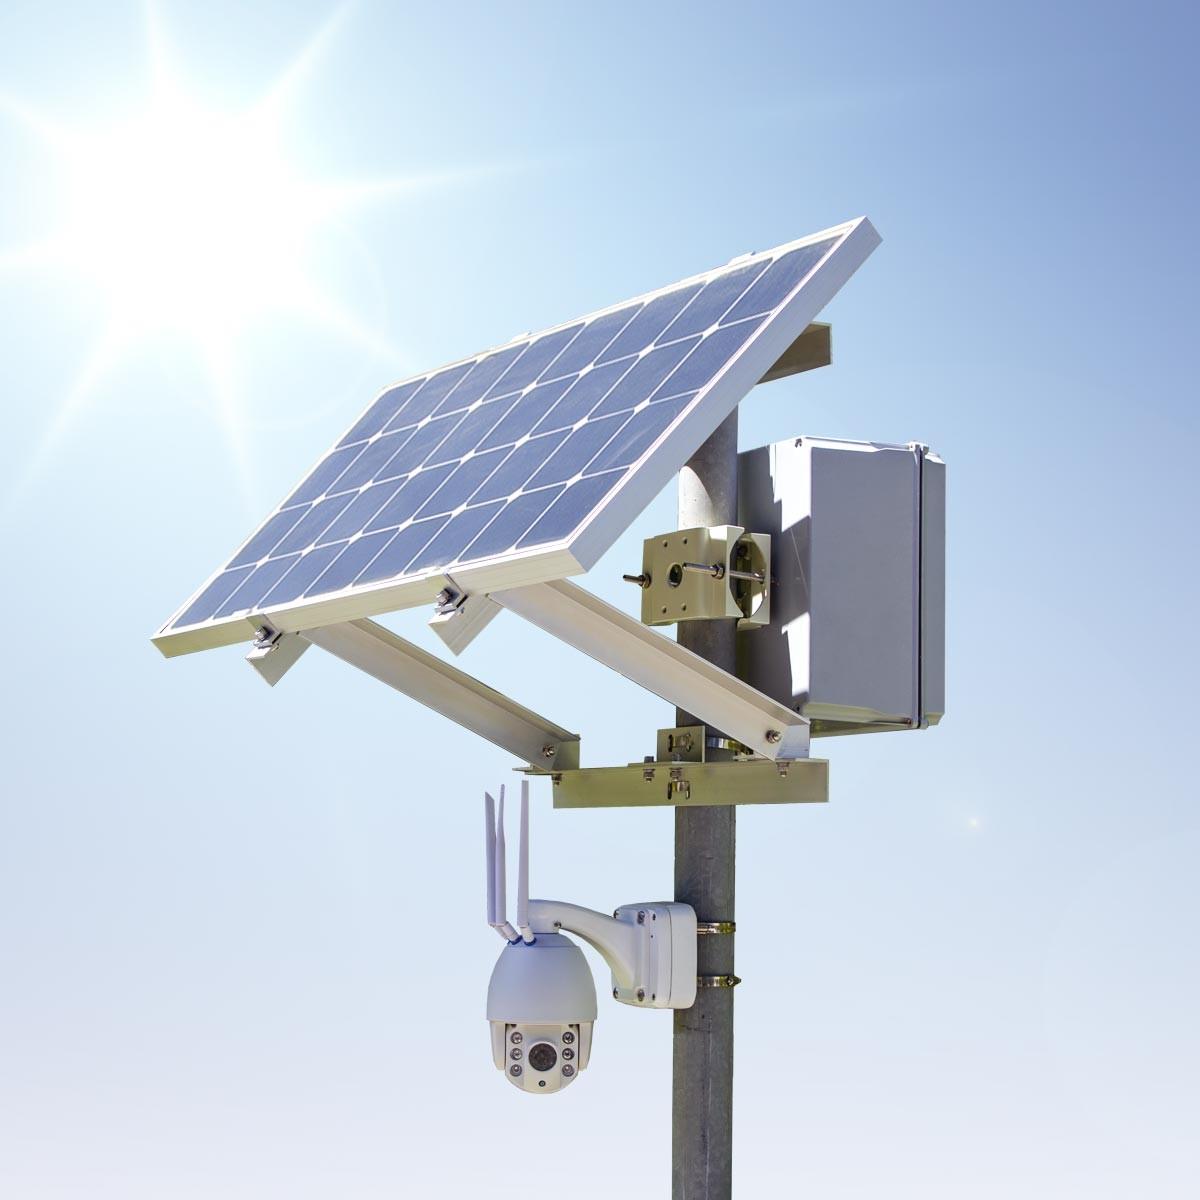 Kit caméra PTZ solaire autonome 4G waterproof extérieure HD 1080P panneau solaire batterie et fixation mat avec carte micro SDXC 64Go